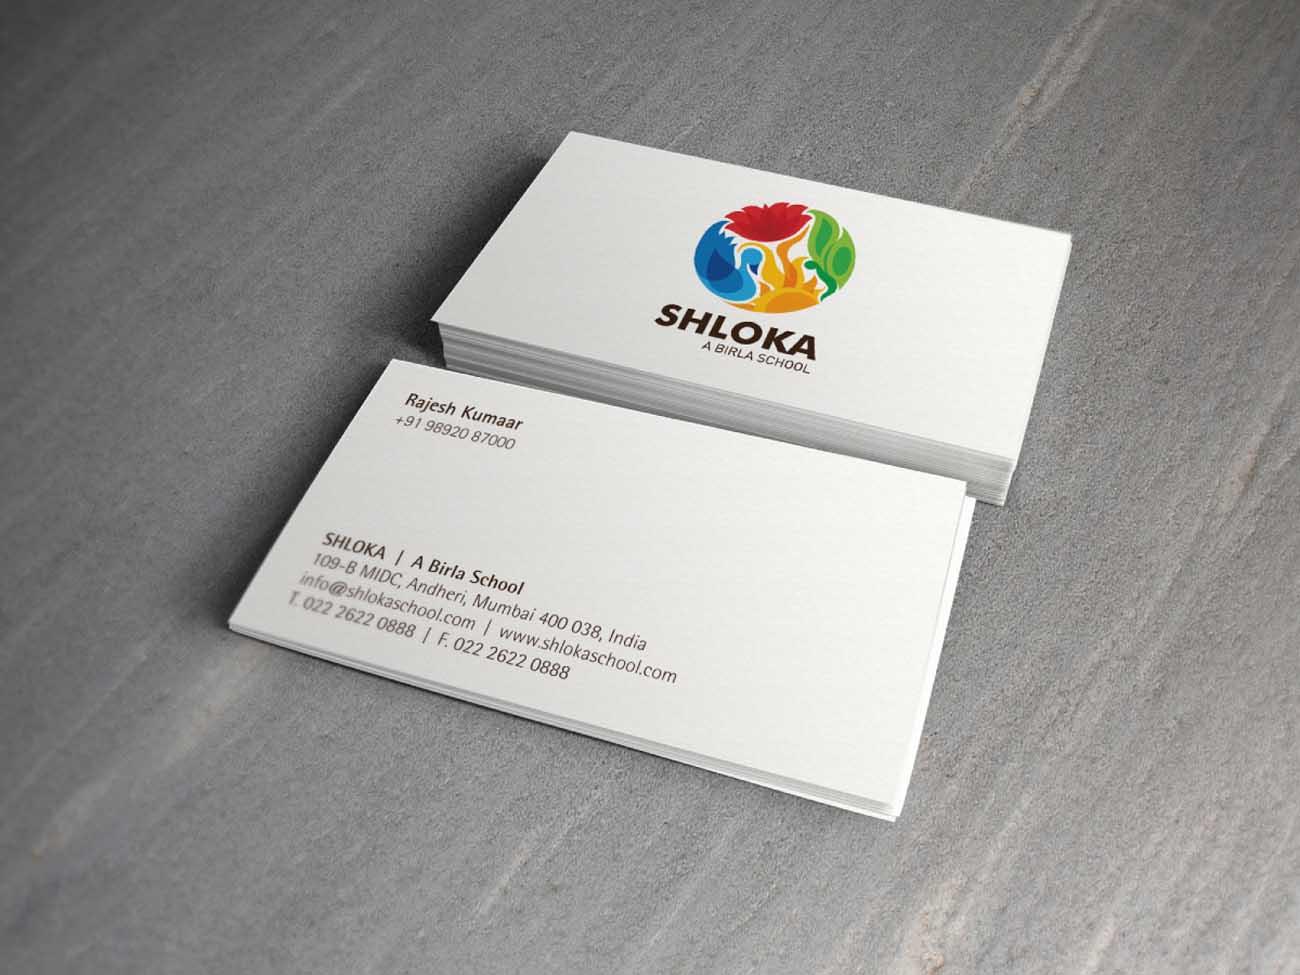 Shloka-DESIGN-06